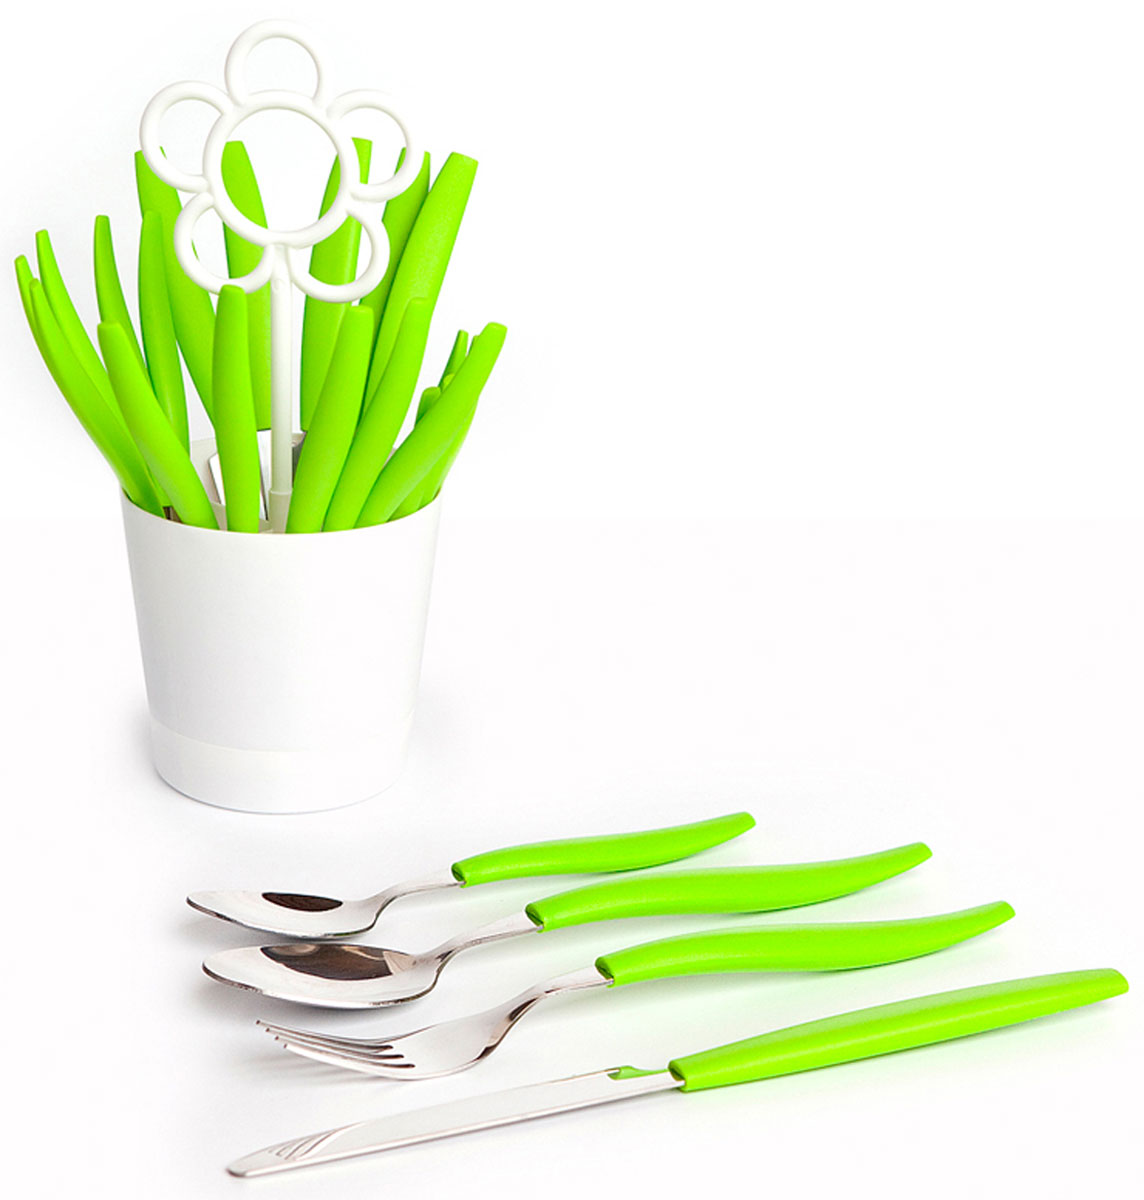 Набор столовых приборов Balvi Blossom, на подставке, цвет: зеленый, 25 предметов115510Хотите удивить своих знакомых и родных ярким и полезным подарком? Тогда советуем обратить ваше внимание на набор столовых приборов Blossom, который изготовлен из сверхпрочной нержавеющей стали. В наборе вы найдете 24 прибора - по 6 вилок, ножей, маленьких и больших ложек. Также в комплекте с приборами идет креативная подставка, выполненная в форме цветочного горшочка, украшенного белой ромашкой из пластика. Набор создаст весеннее и солнечное настроение в каждой кухне, даже если за окном дождливая осень. Плюс ко всему, низкая цена на полный комплект столовых приборов Blossom на 6 персон приятно вас удивит.-Яркий весенний дизайн приборов и подставки-Высококачественная нержавеющая сталь и прочный пищевой пластик-Полный набор столовых приборов на 6 персон по привлекательной цене